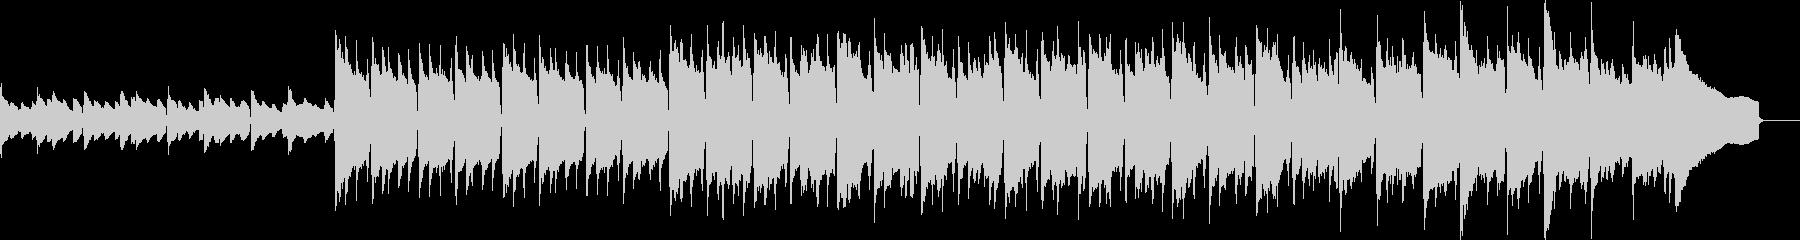 アコギとピアノの前向きなアコースティックの未再生の波形